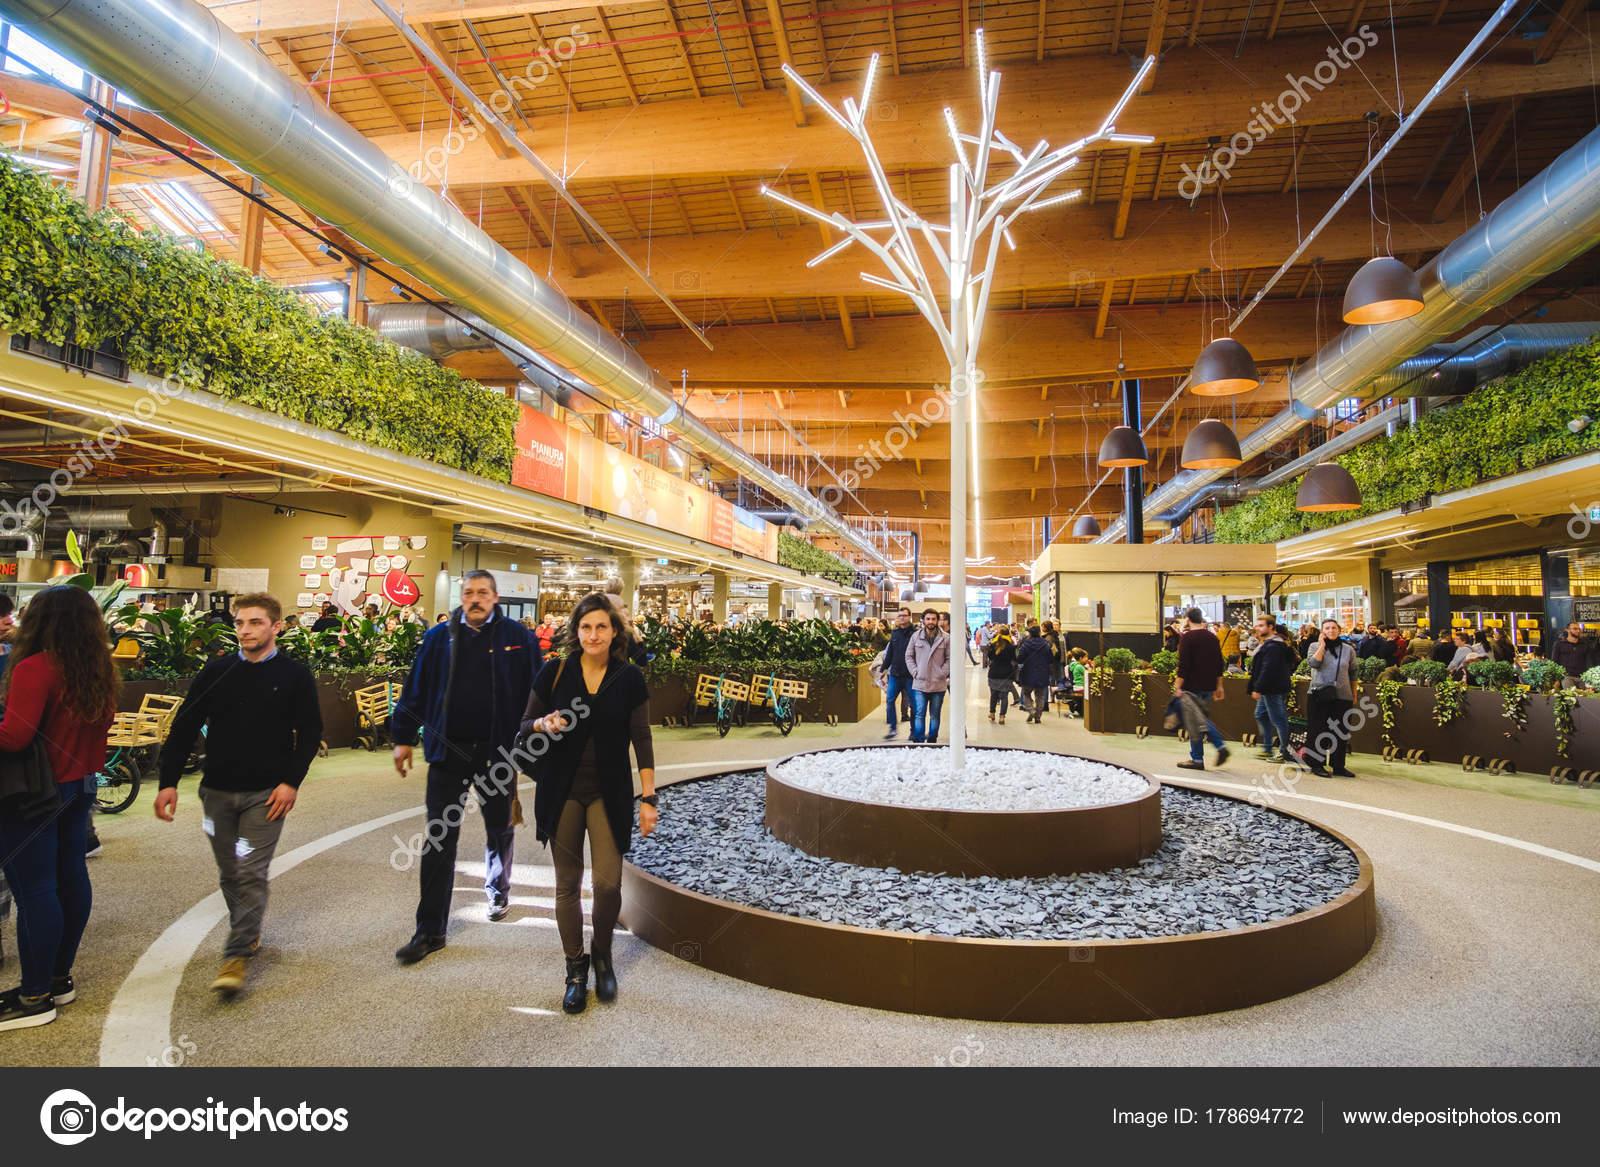 Die Menschen Gehen In Modernem Interieur Supermarkt Neben Einem Weißen  Beleuchtete Kahlen Baum Fico Eataly Welt In Bologna, Italien, 19.